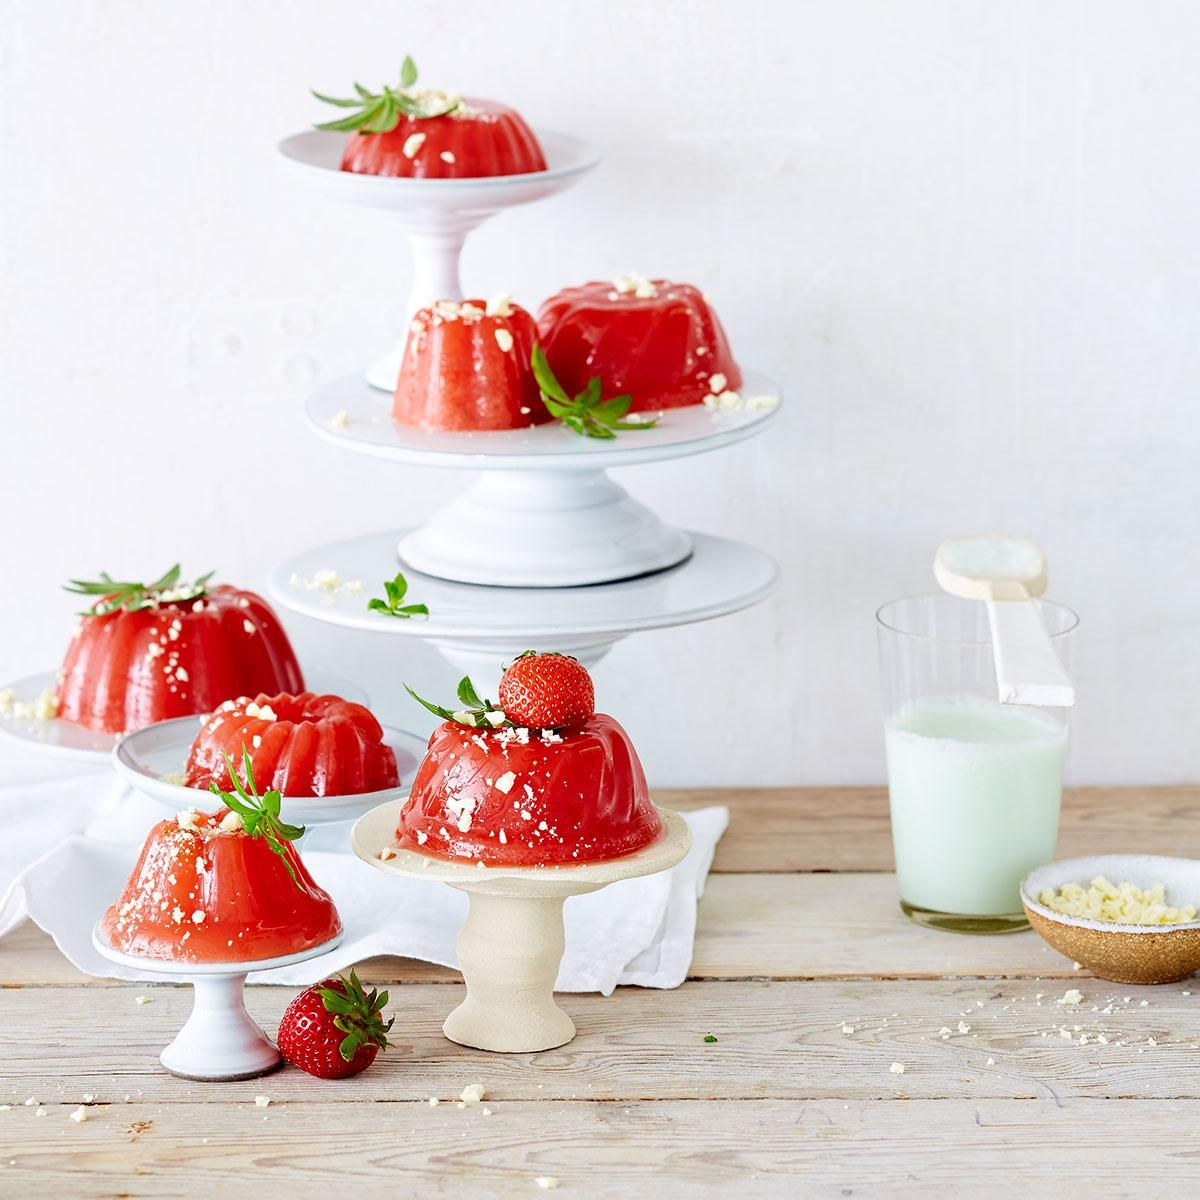 Grapefruitsaft macht den Wackelpudding aus frischem Erdbeerpüree und Martini Rosso leicht herb, was durch einen Schuss Tonic in der Waldmeistersauce noch...